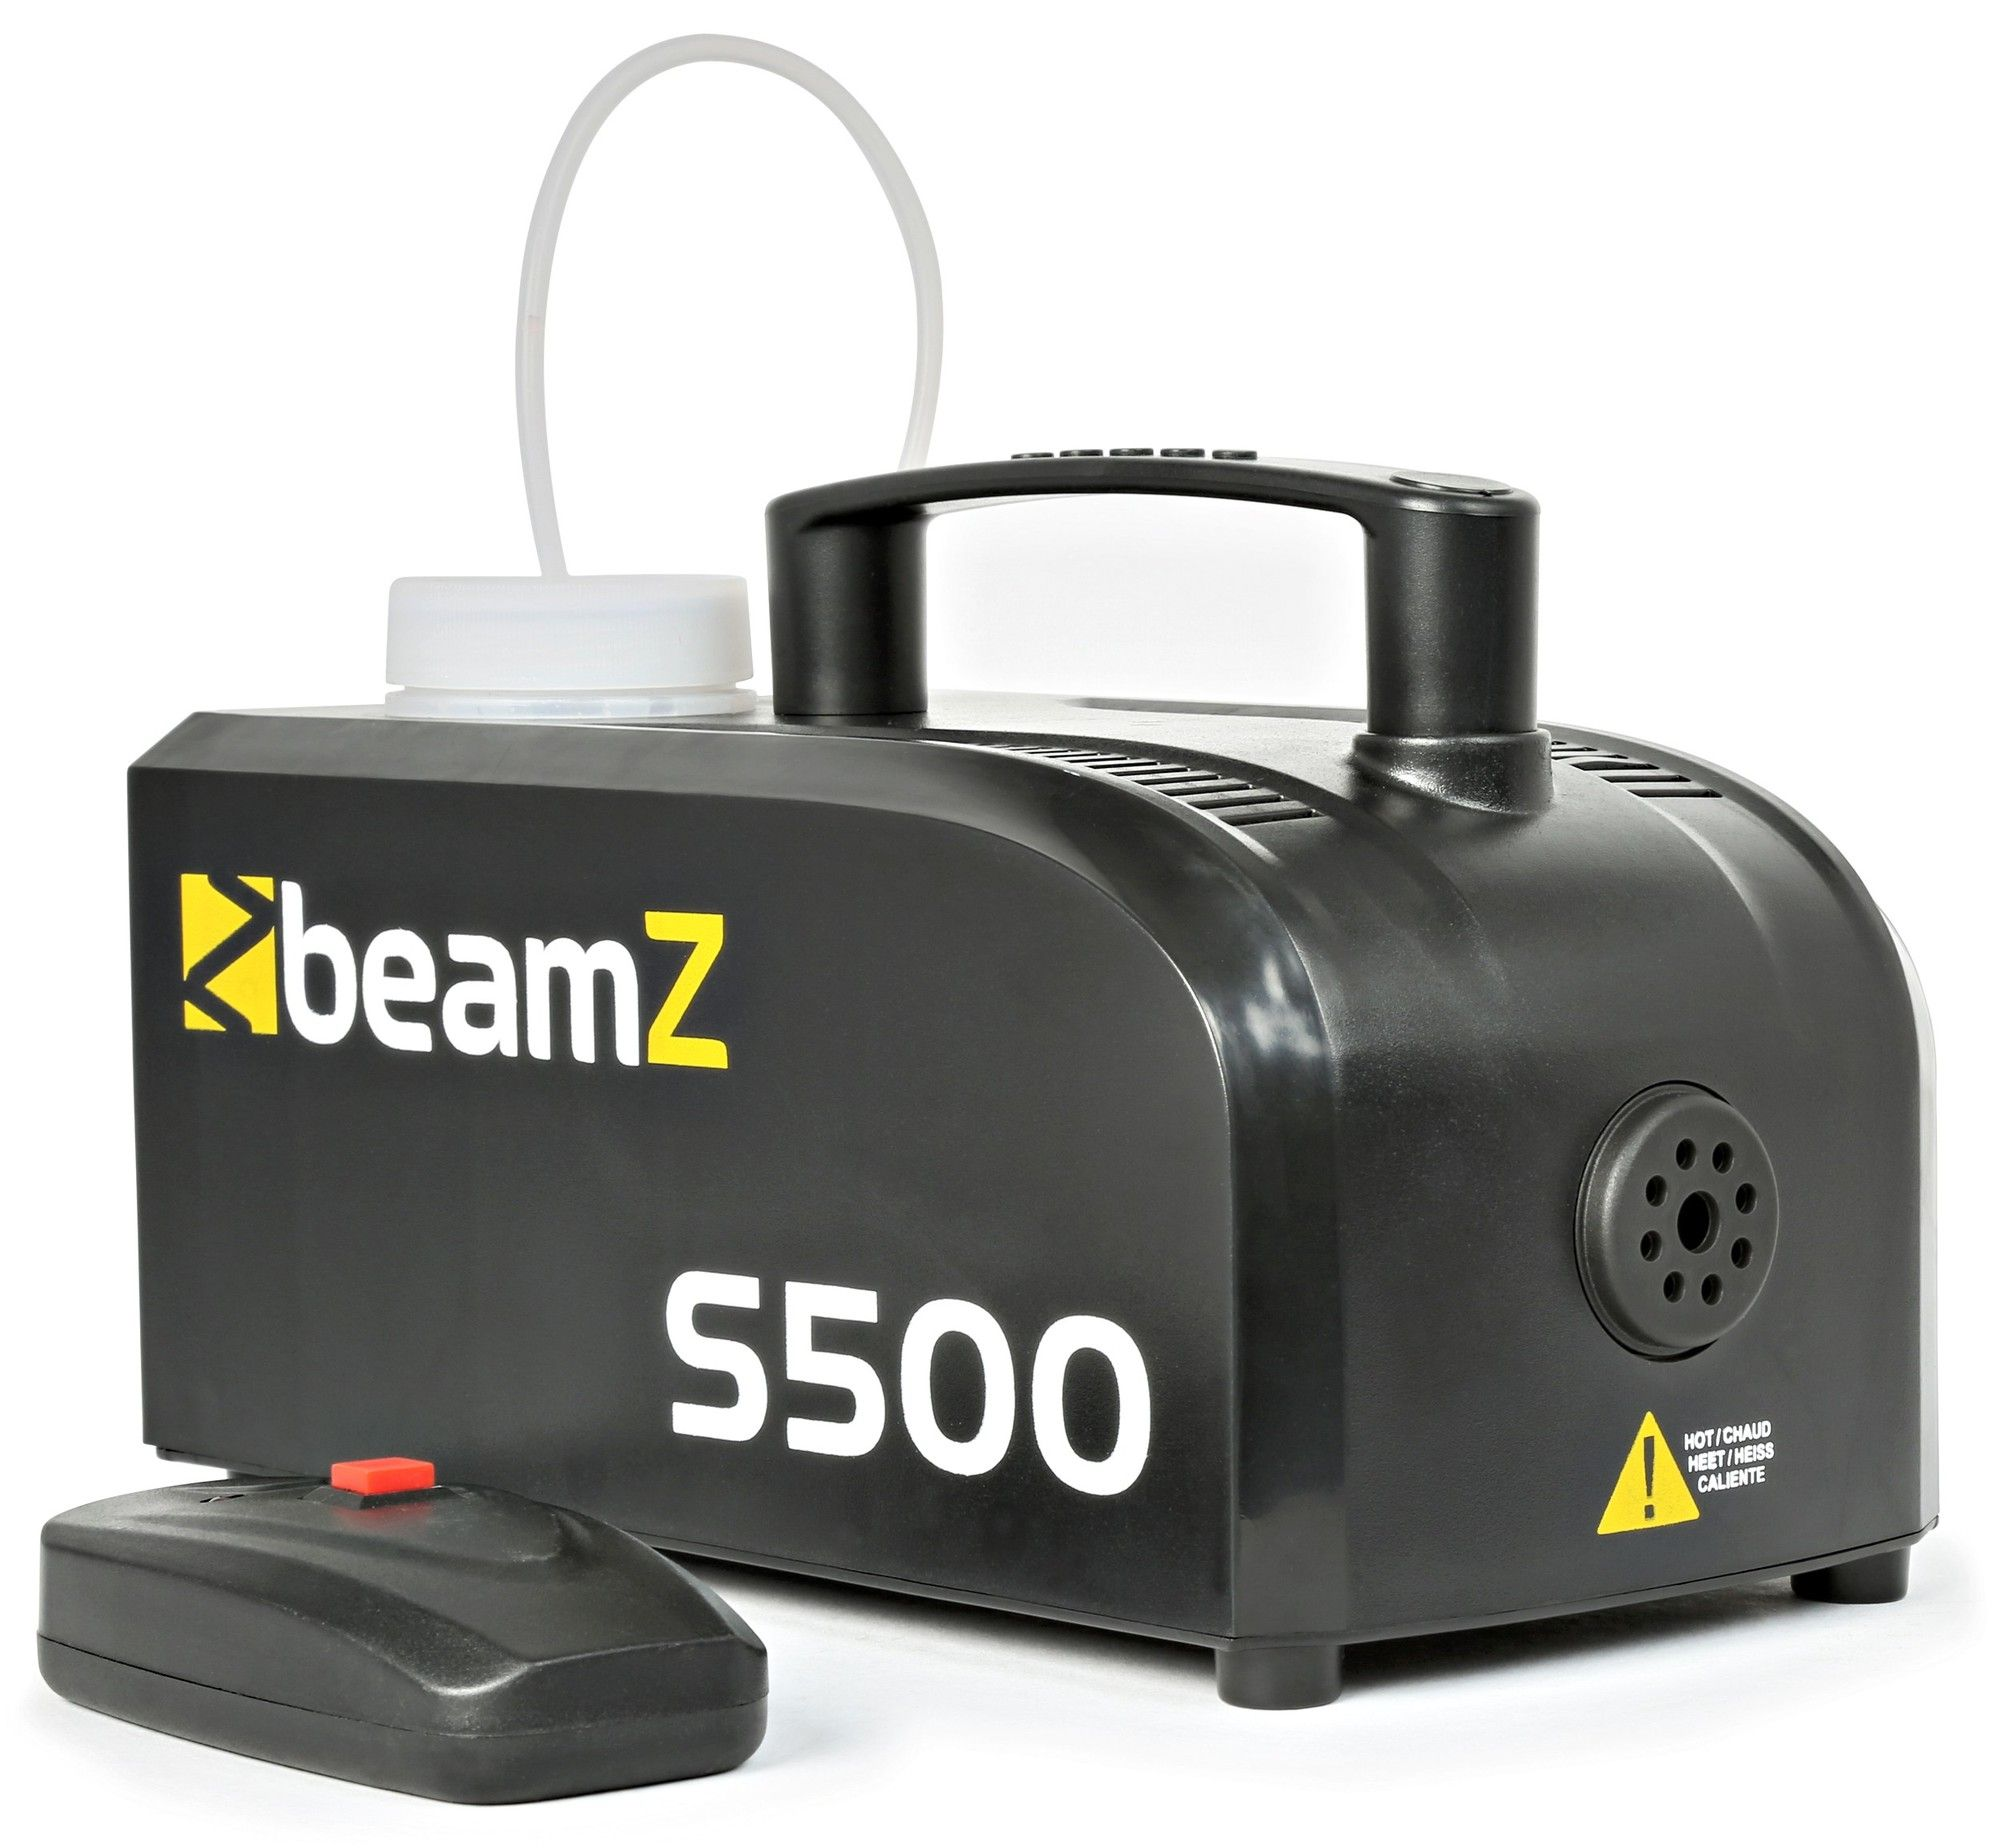 Dagaanbieding: BeamZ Compacte kunststof Rookmachine S500 met gratis rookvloeistof